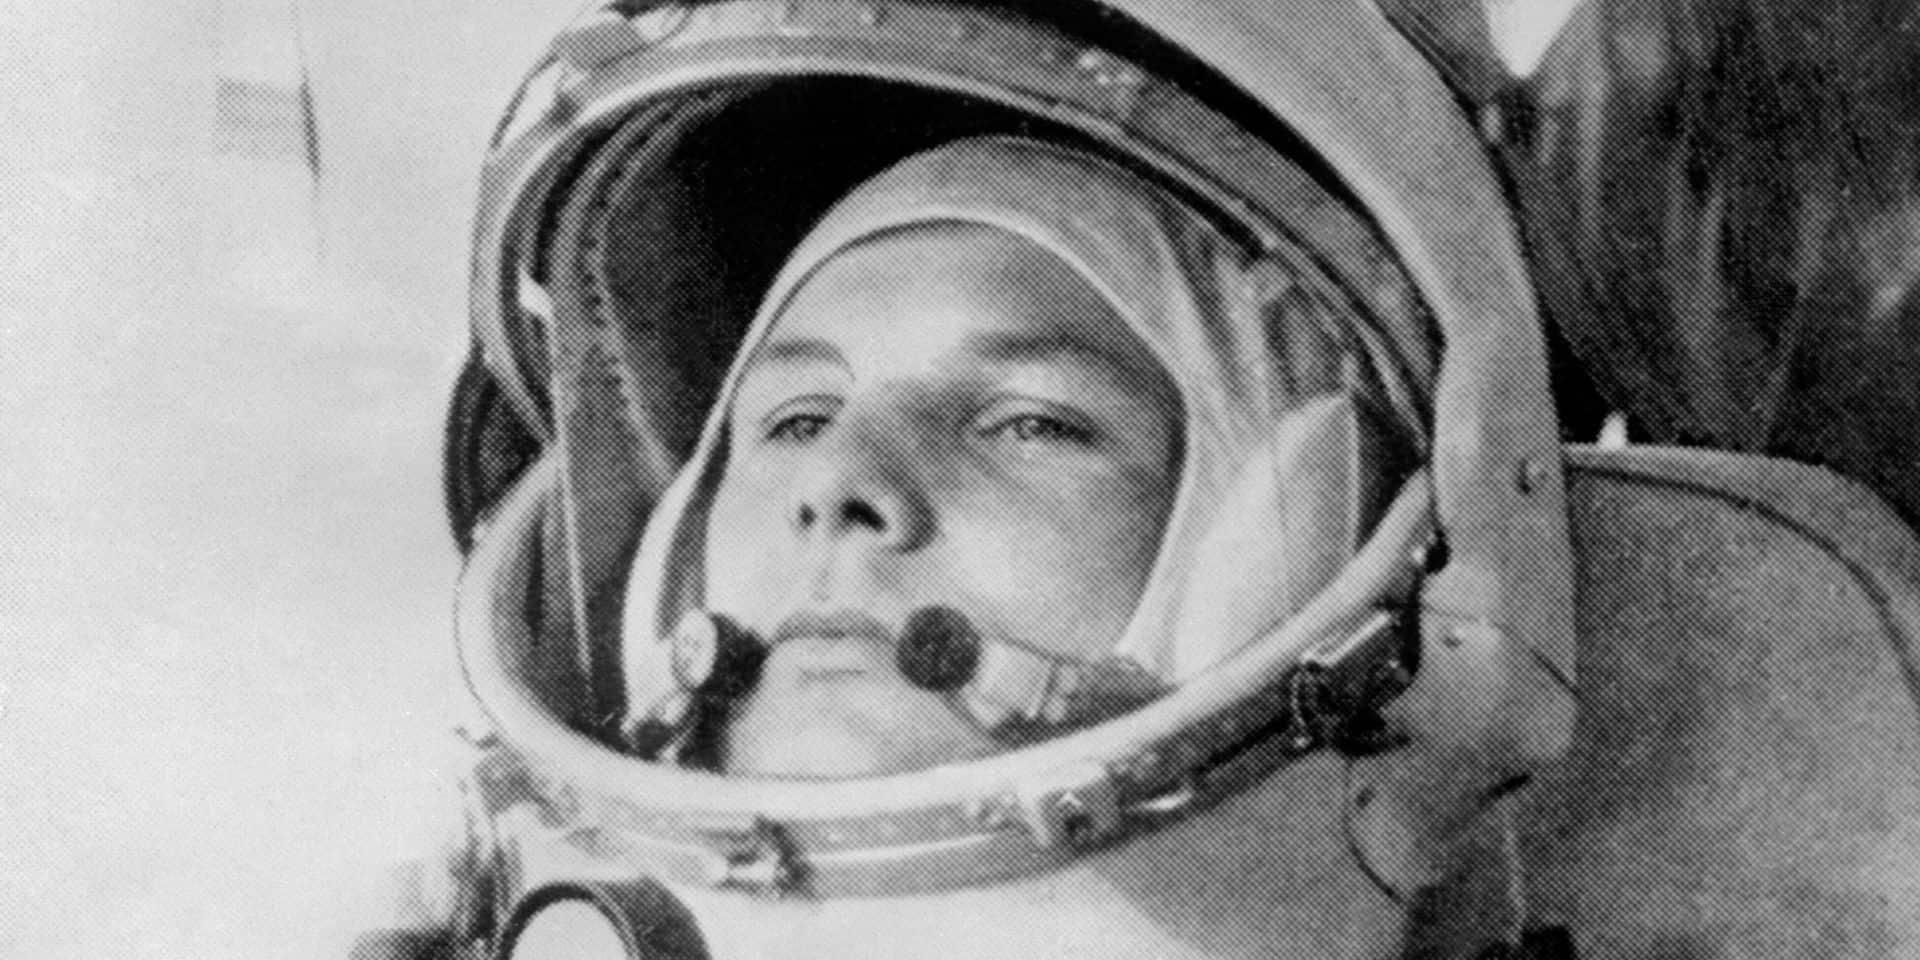 60 ans après Gagarine, la Russie à la traîne dans la conquête spatiale